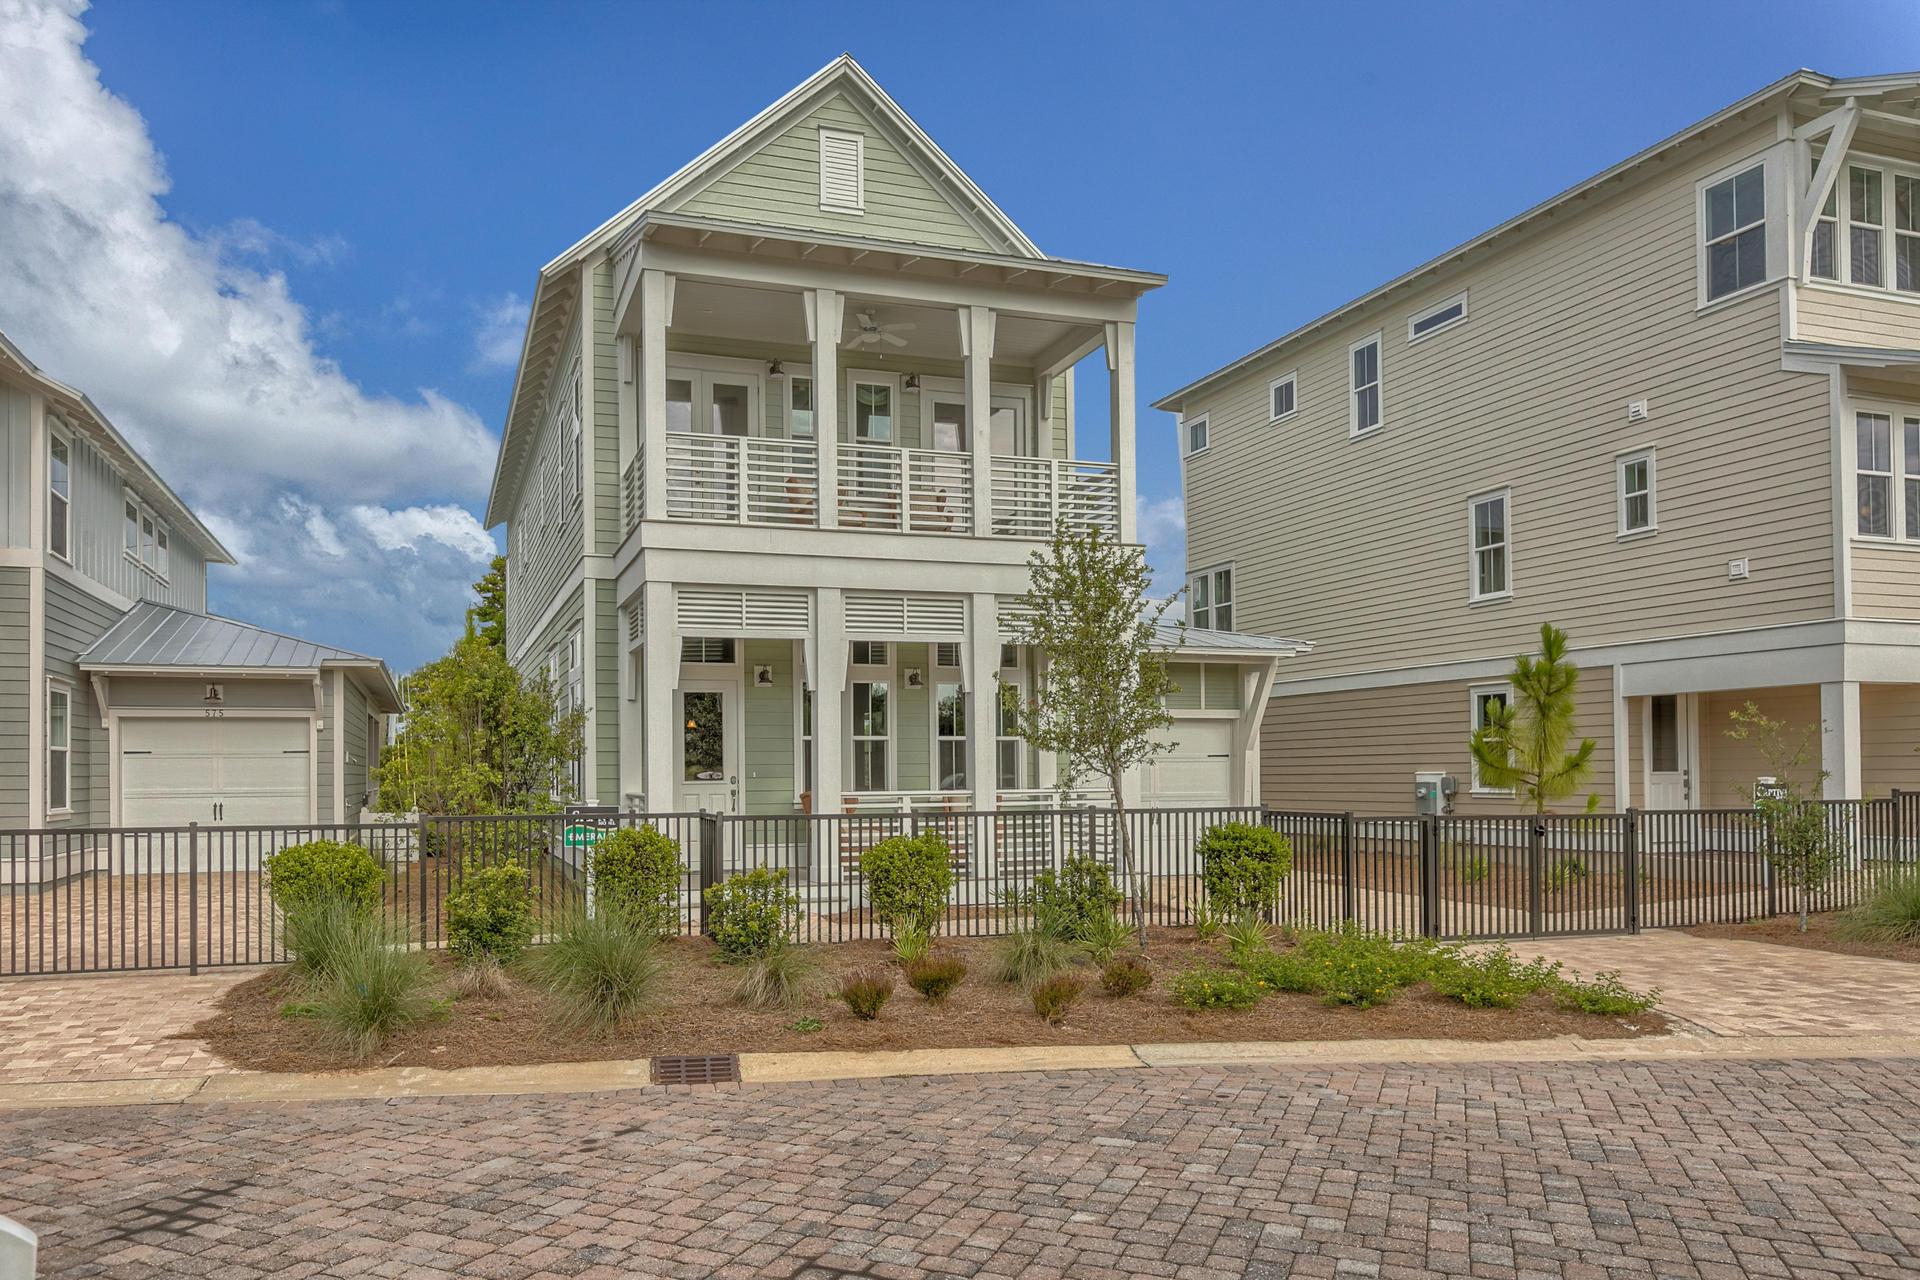 Photo of home for sale at 148 Emerald Beach Cir, Santa Rosa Beach FL